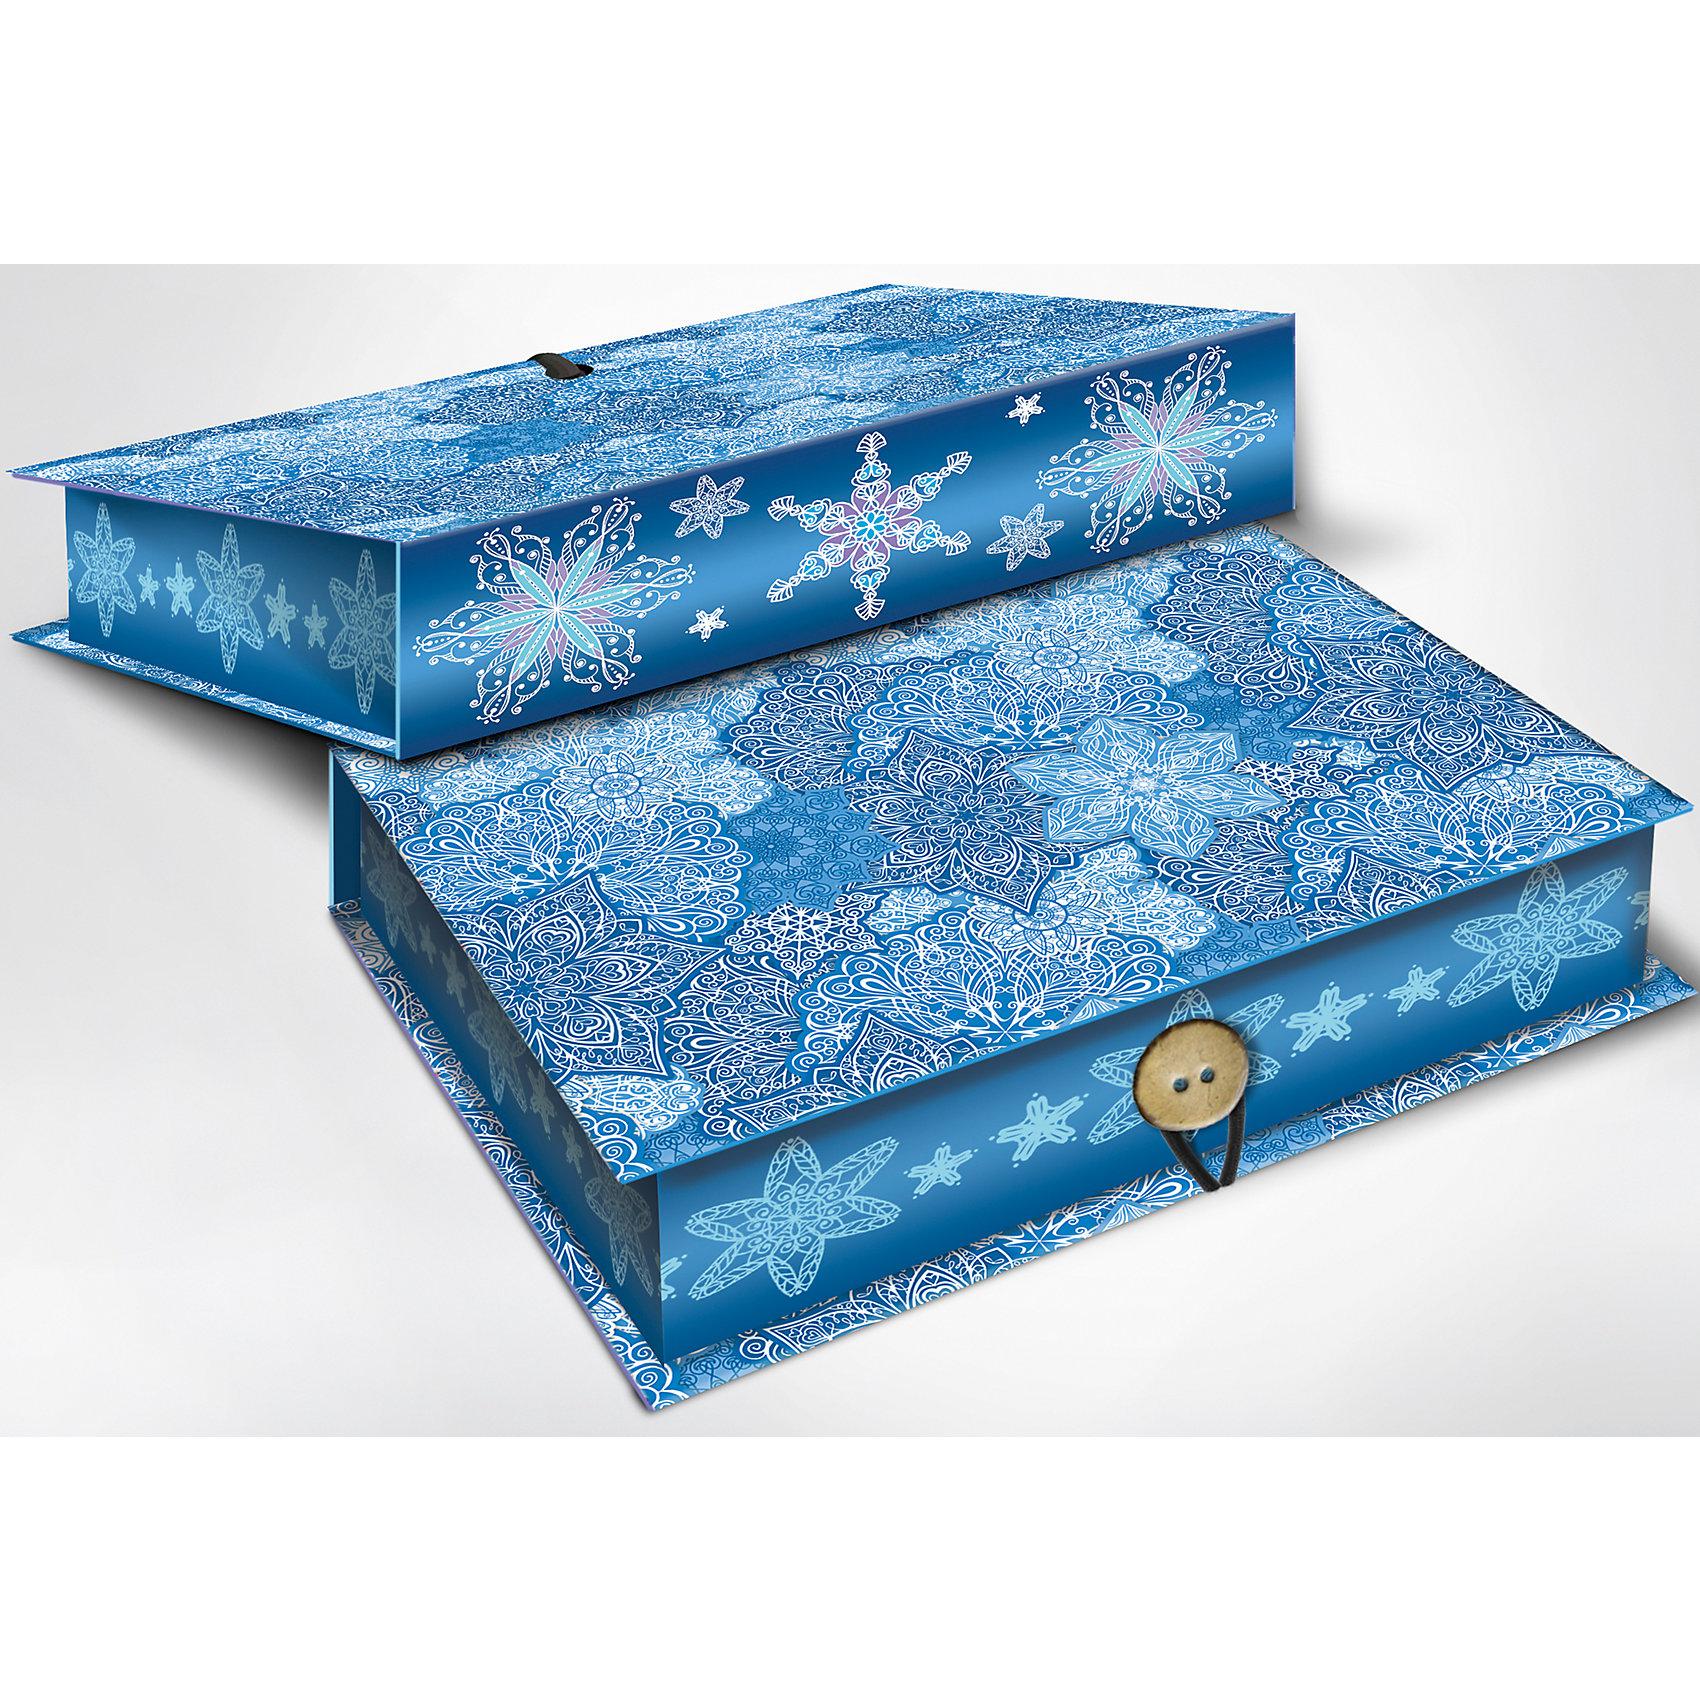 Подарочная коробка Морозные узоры 20*14*6 смНовогодние коробки<br>Подарочная коробка Морозные узоры 20 * 14 * 6 см - впустите атмосферу зимы и праздников в ваш дом! С этой подарочной коробкой так весело наряжать подарки и радовать близких. Картонная коробка выглядит как книга и имеет яркую обложку с цветными рисунками ажурных морозных узоров со снежинками. На корешке изображены отдельные снежинки на праздничном синем фоне. Коробка закрывается на небольшой эластичный шнурок и пуговичку. Устройте сюрприз вашим близким!<br>Дополнительная информация:<br><br>- Размер: 20 * 14 * 6 см.<br>- Материал: картон плотностью 1100 г/м2<br>Подарочную коробку Морозные узоры 20 * 14 * 6 см можно купить в нашем интернет-магазине.<br>Подробнее:<br>• Для детей в возрасте: от 3 лет<br>• Номер товара: 4981490<br>Страна производитель: Китай<br><br>Ширина мм: 200<br>Глубина мм: 140<br>Высота мм: 60<br>Вес г: 330<br>Возраст от месяцев: 36<br>Возраст до месяцев: 2147483647<br>Пол: Унисекс<br>Возраст: Детский<br>SKU: 4981490